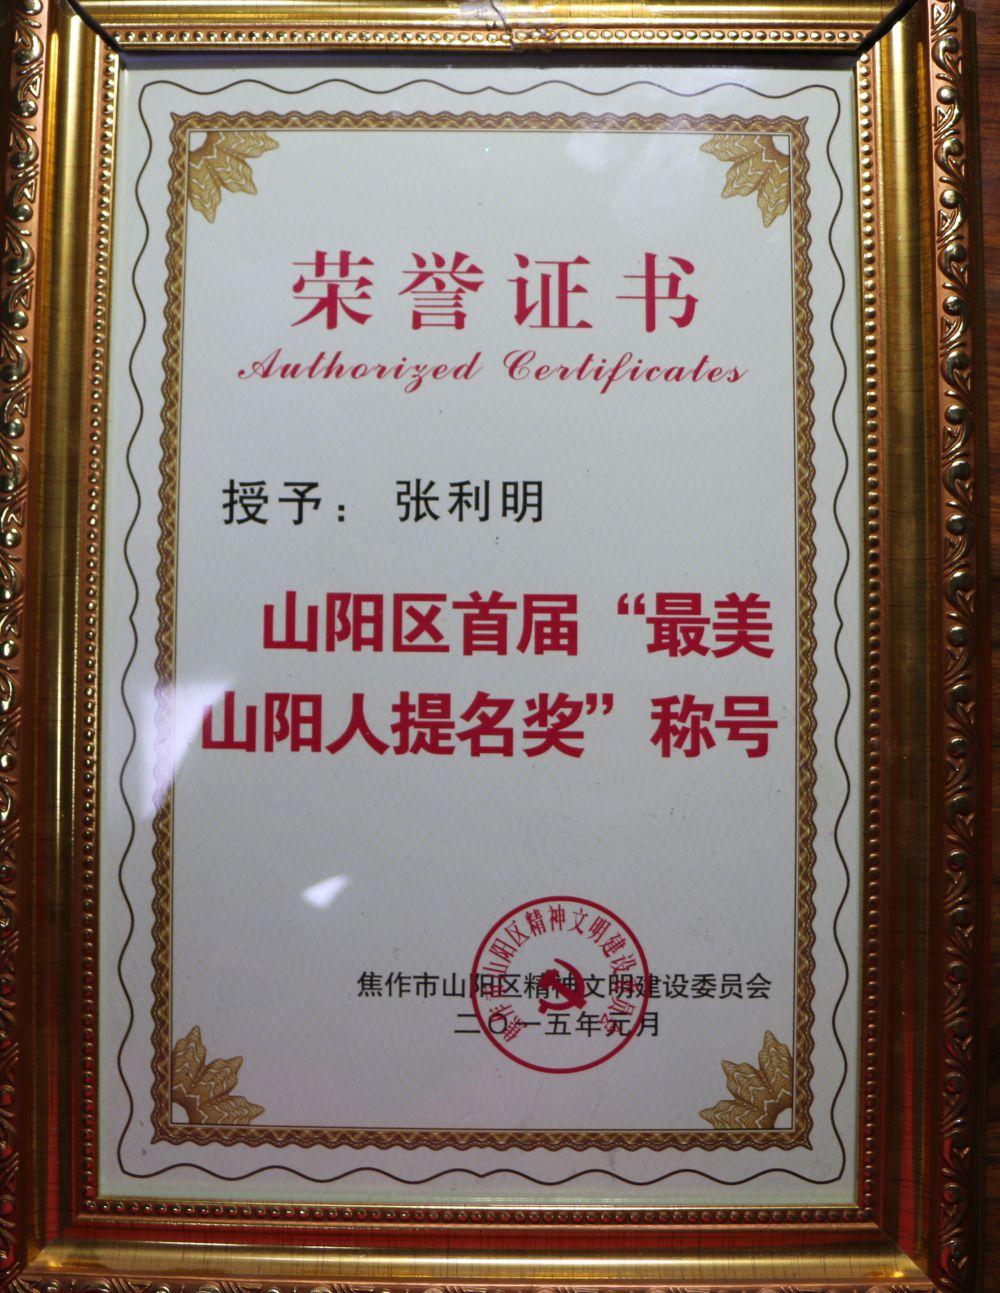 最美山阳人荣誉证书